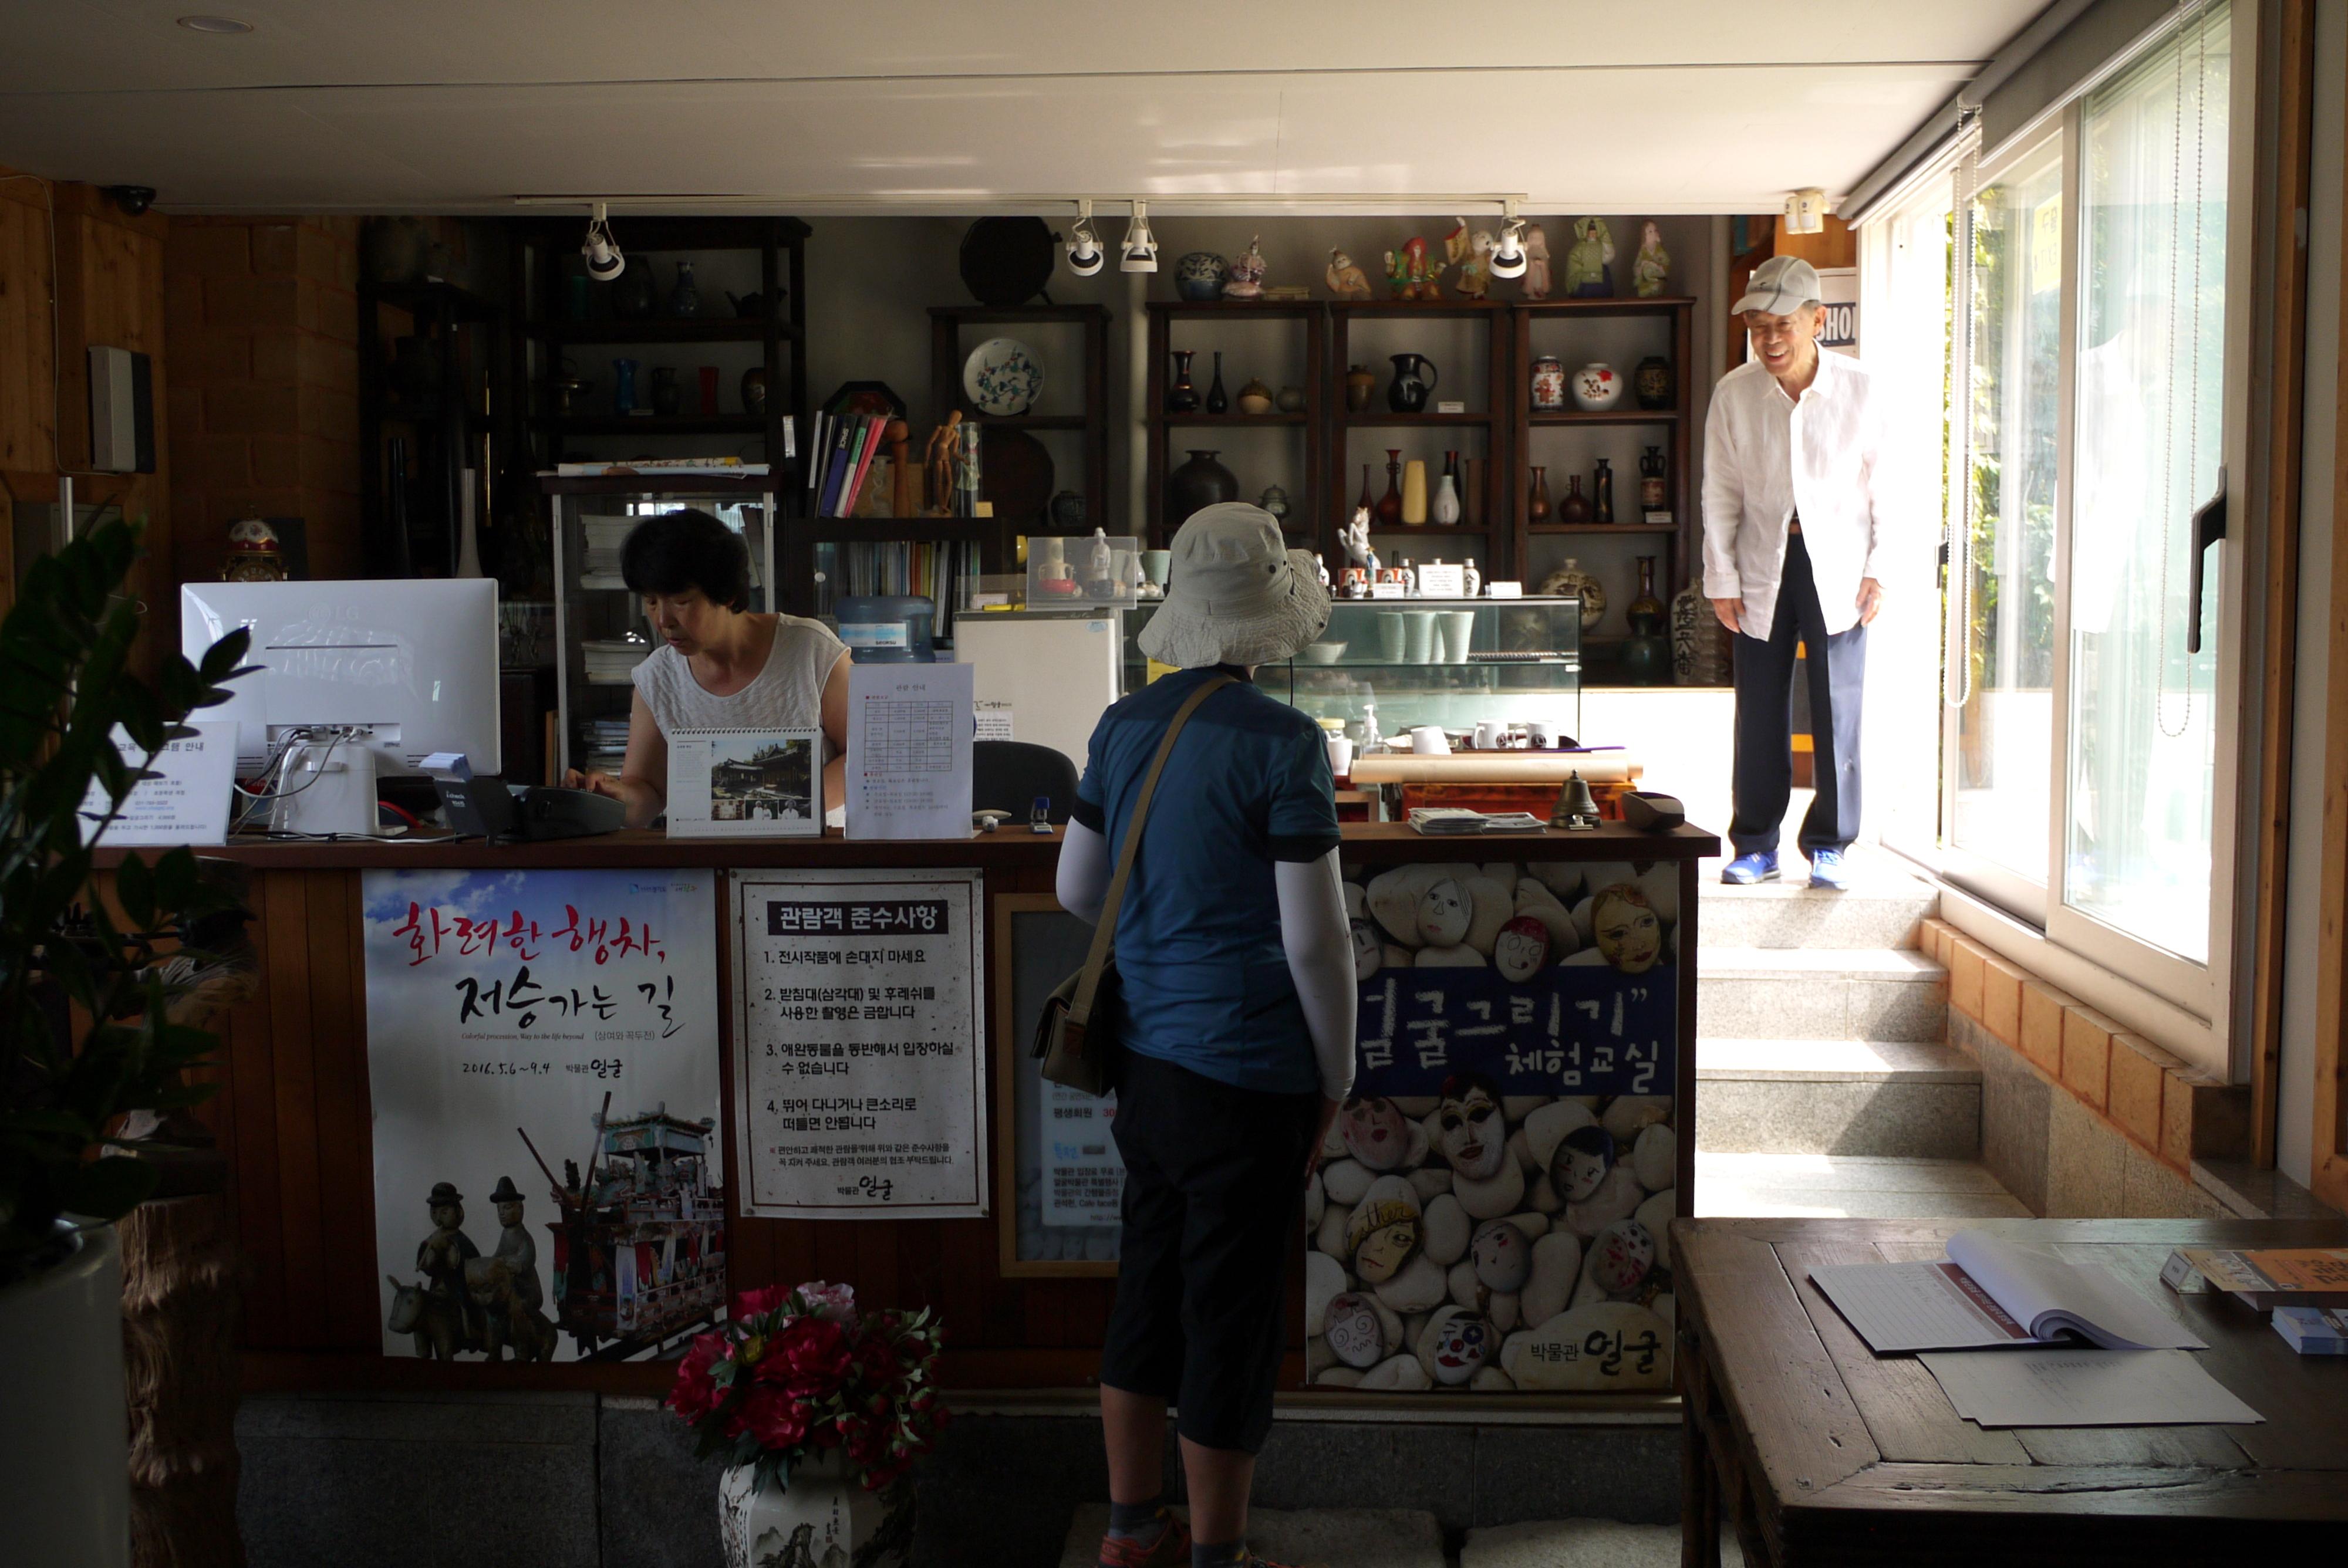 박물관 내부에 있는 사람들의 모습